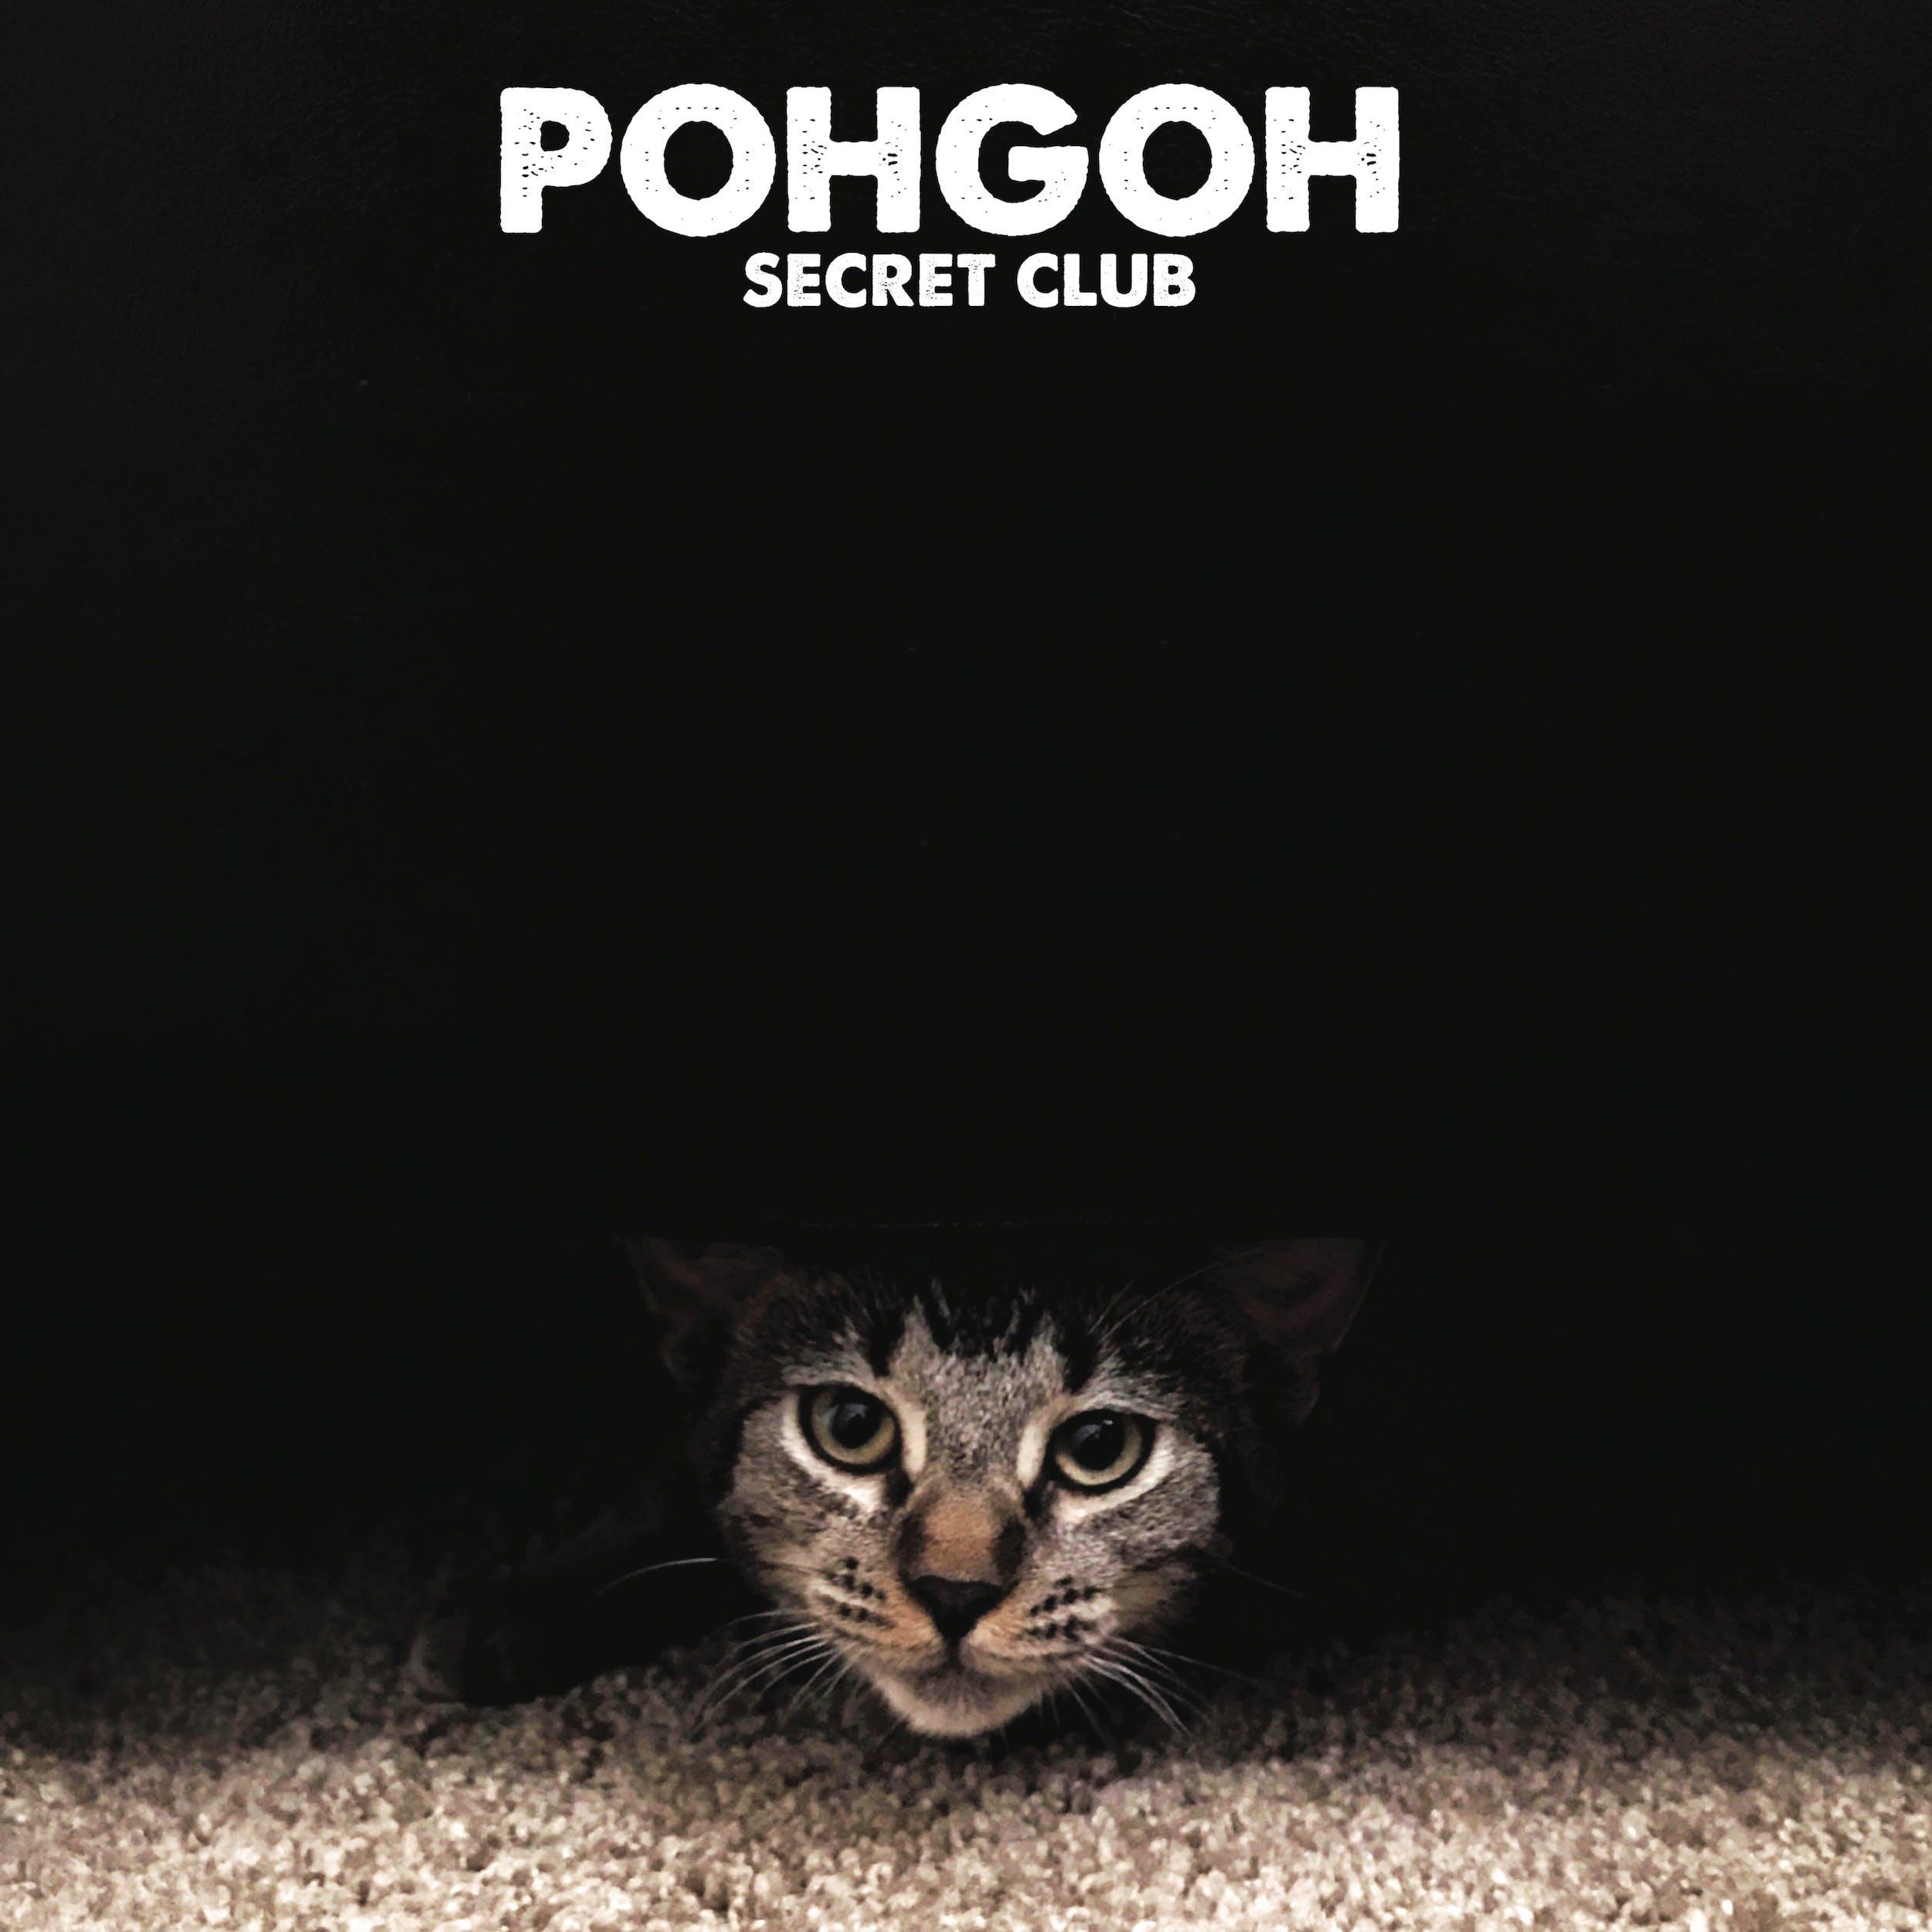 Pohgoh Secret Club Cover